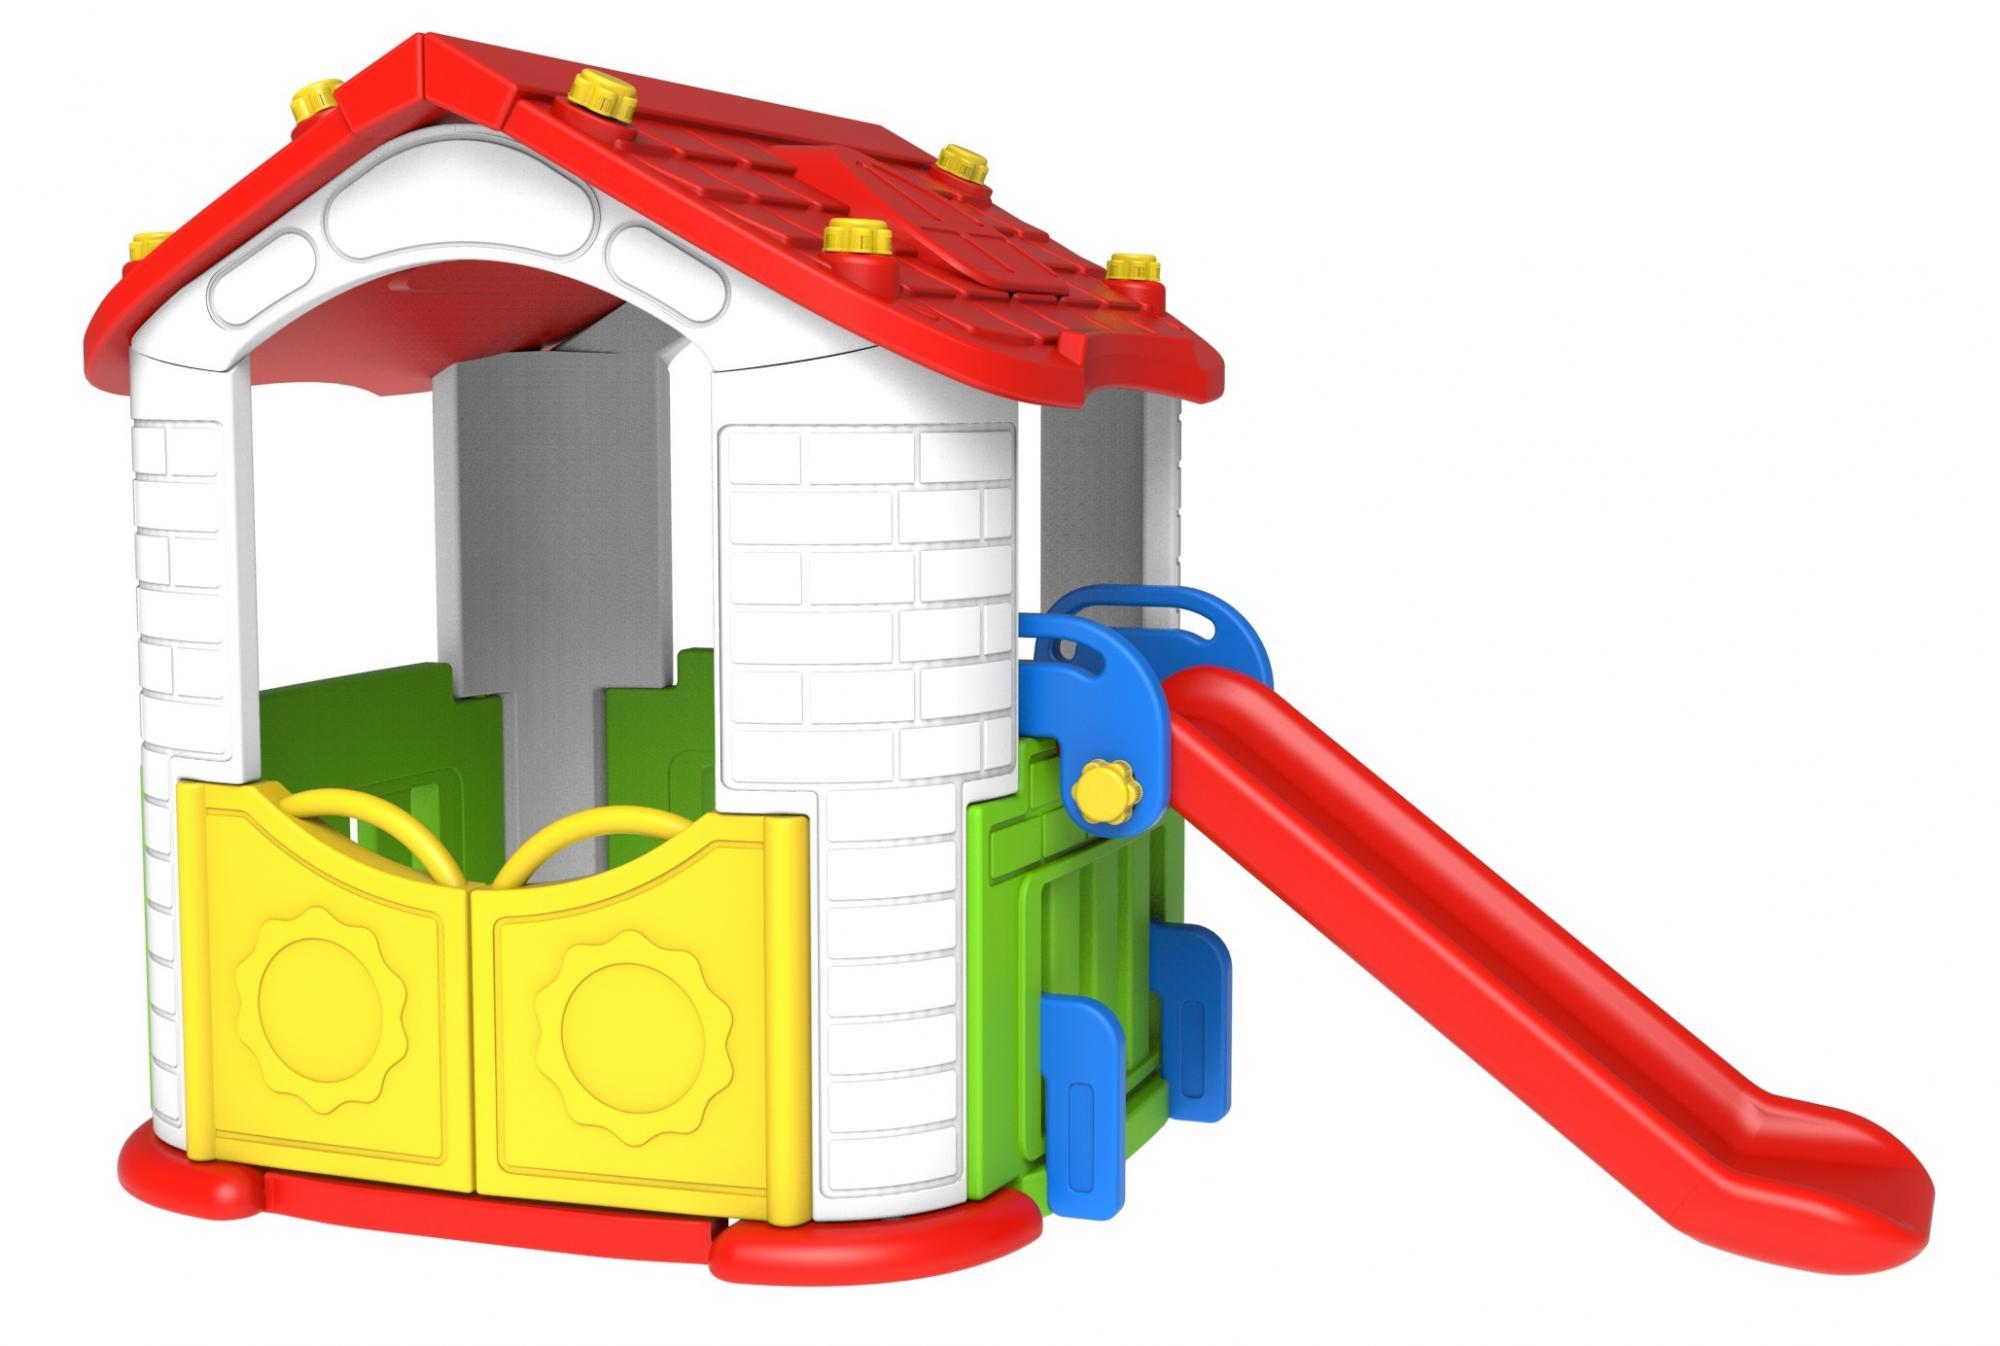 Игровой домик с горкой, Toy Monarch  - купить со скидкой